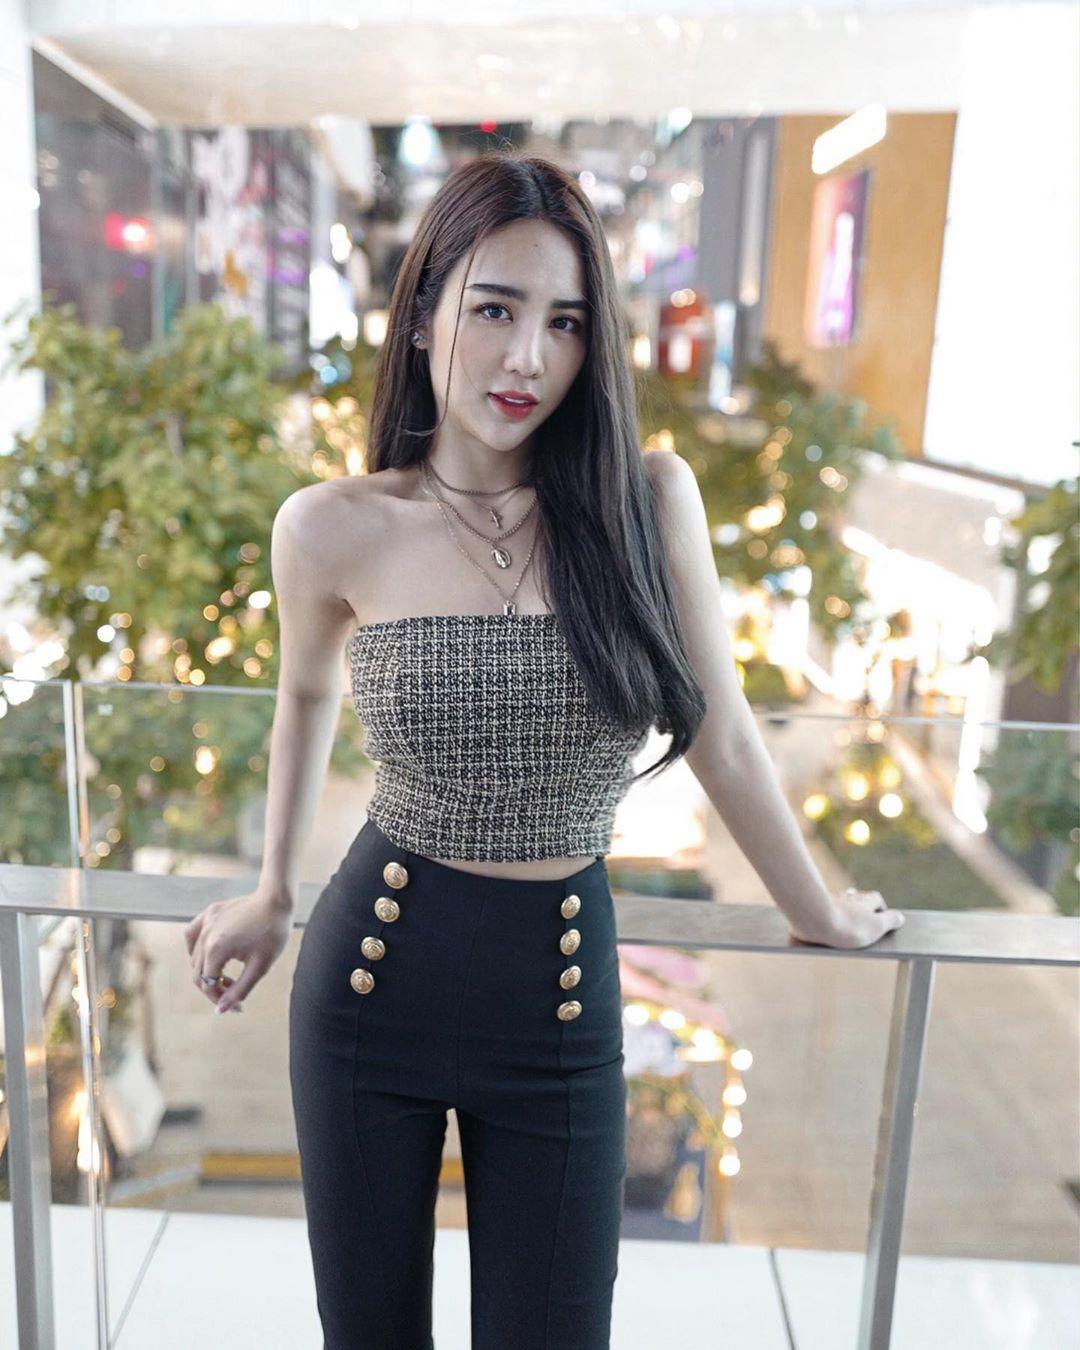 妖豔泰國姊姊嫵媚身影 強勢電力雙眼看得不要不要 - 亞洲美女 -